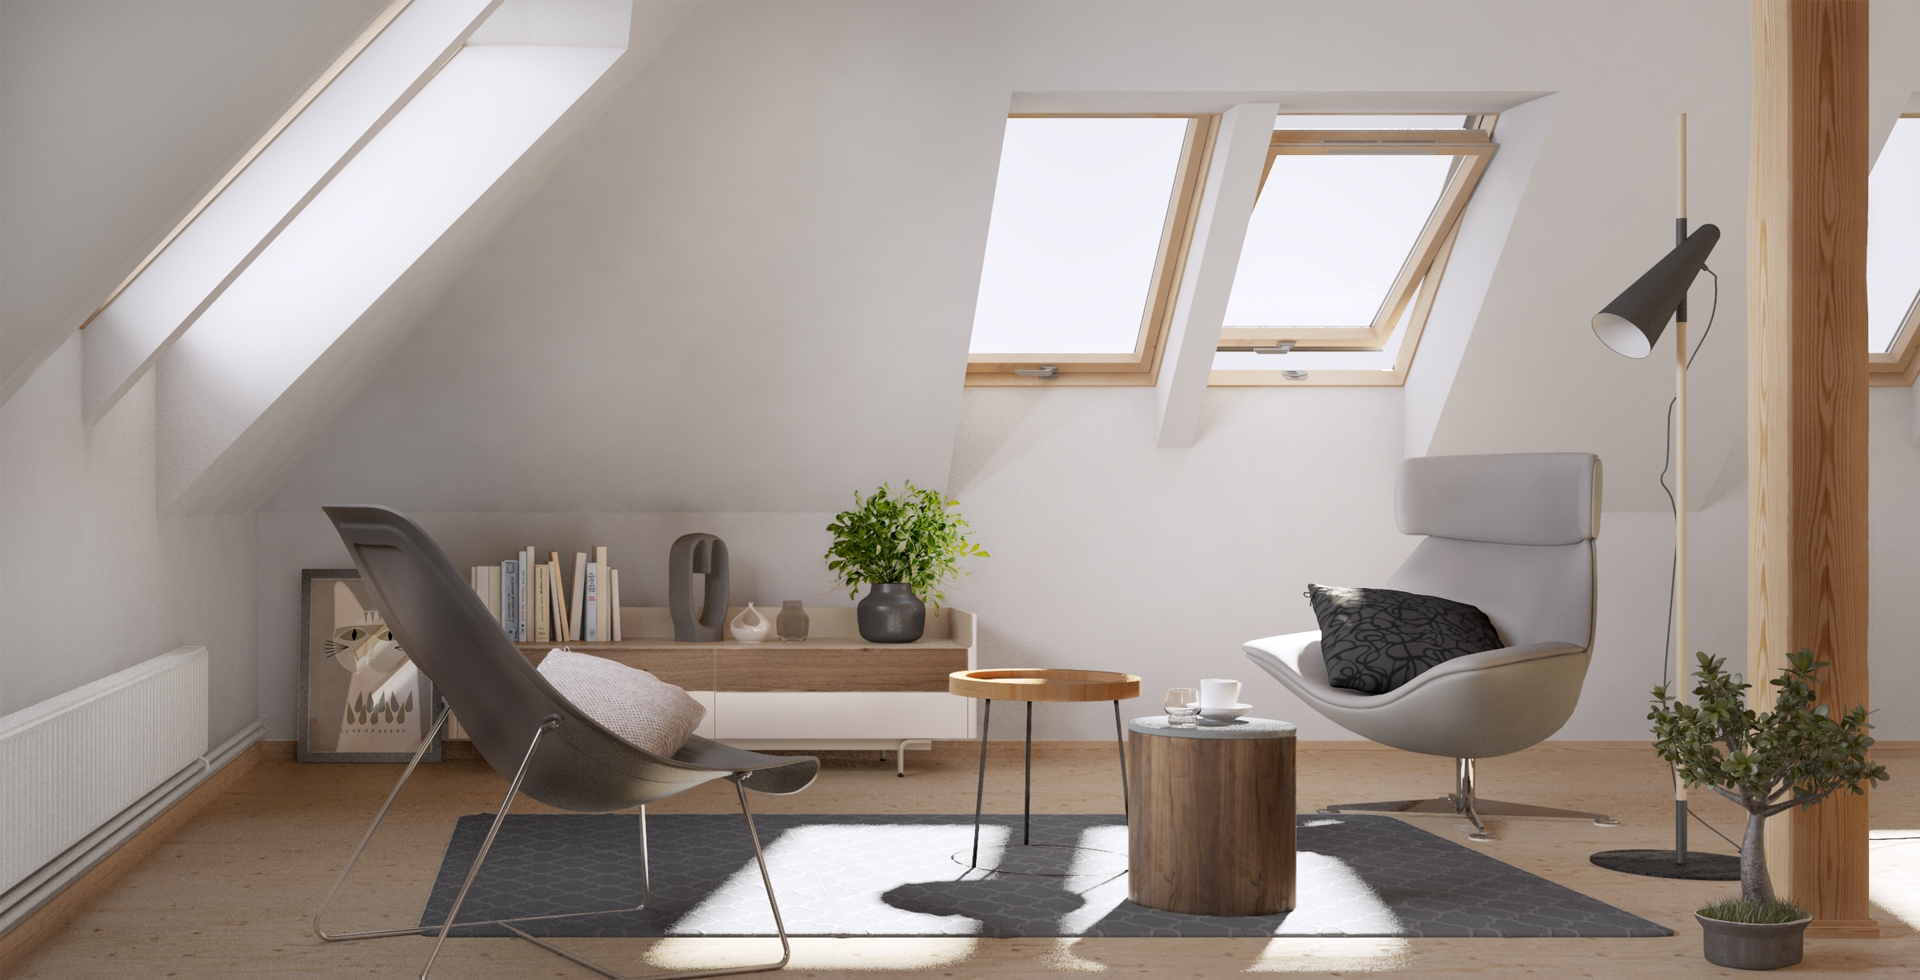 Mimoriadne kvalitné a pritom lacné strešné okná Toso vyrába majiteľ spoločnosti VELUX dánsky koncern VKR. Strešné okná Toso s kvalitnými trojsklami alebo dvojsklami dodávame z dreva aj z plastu.